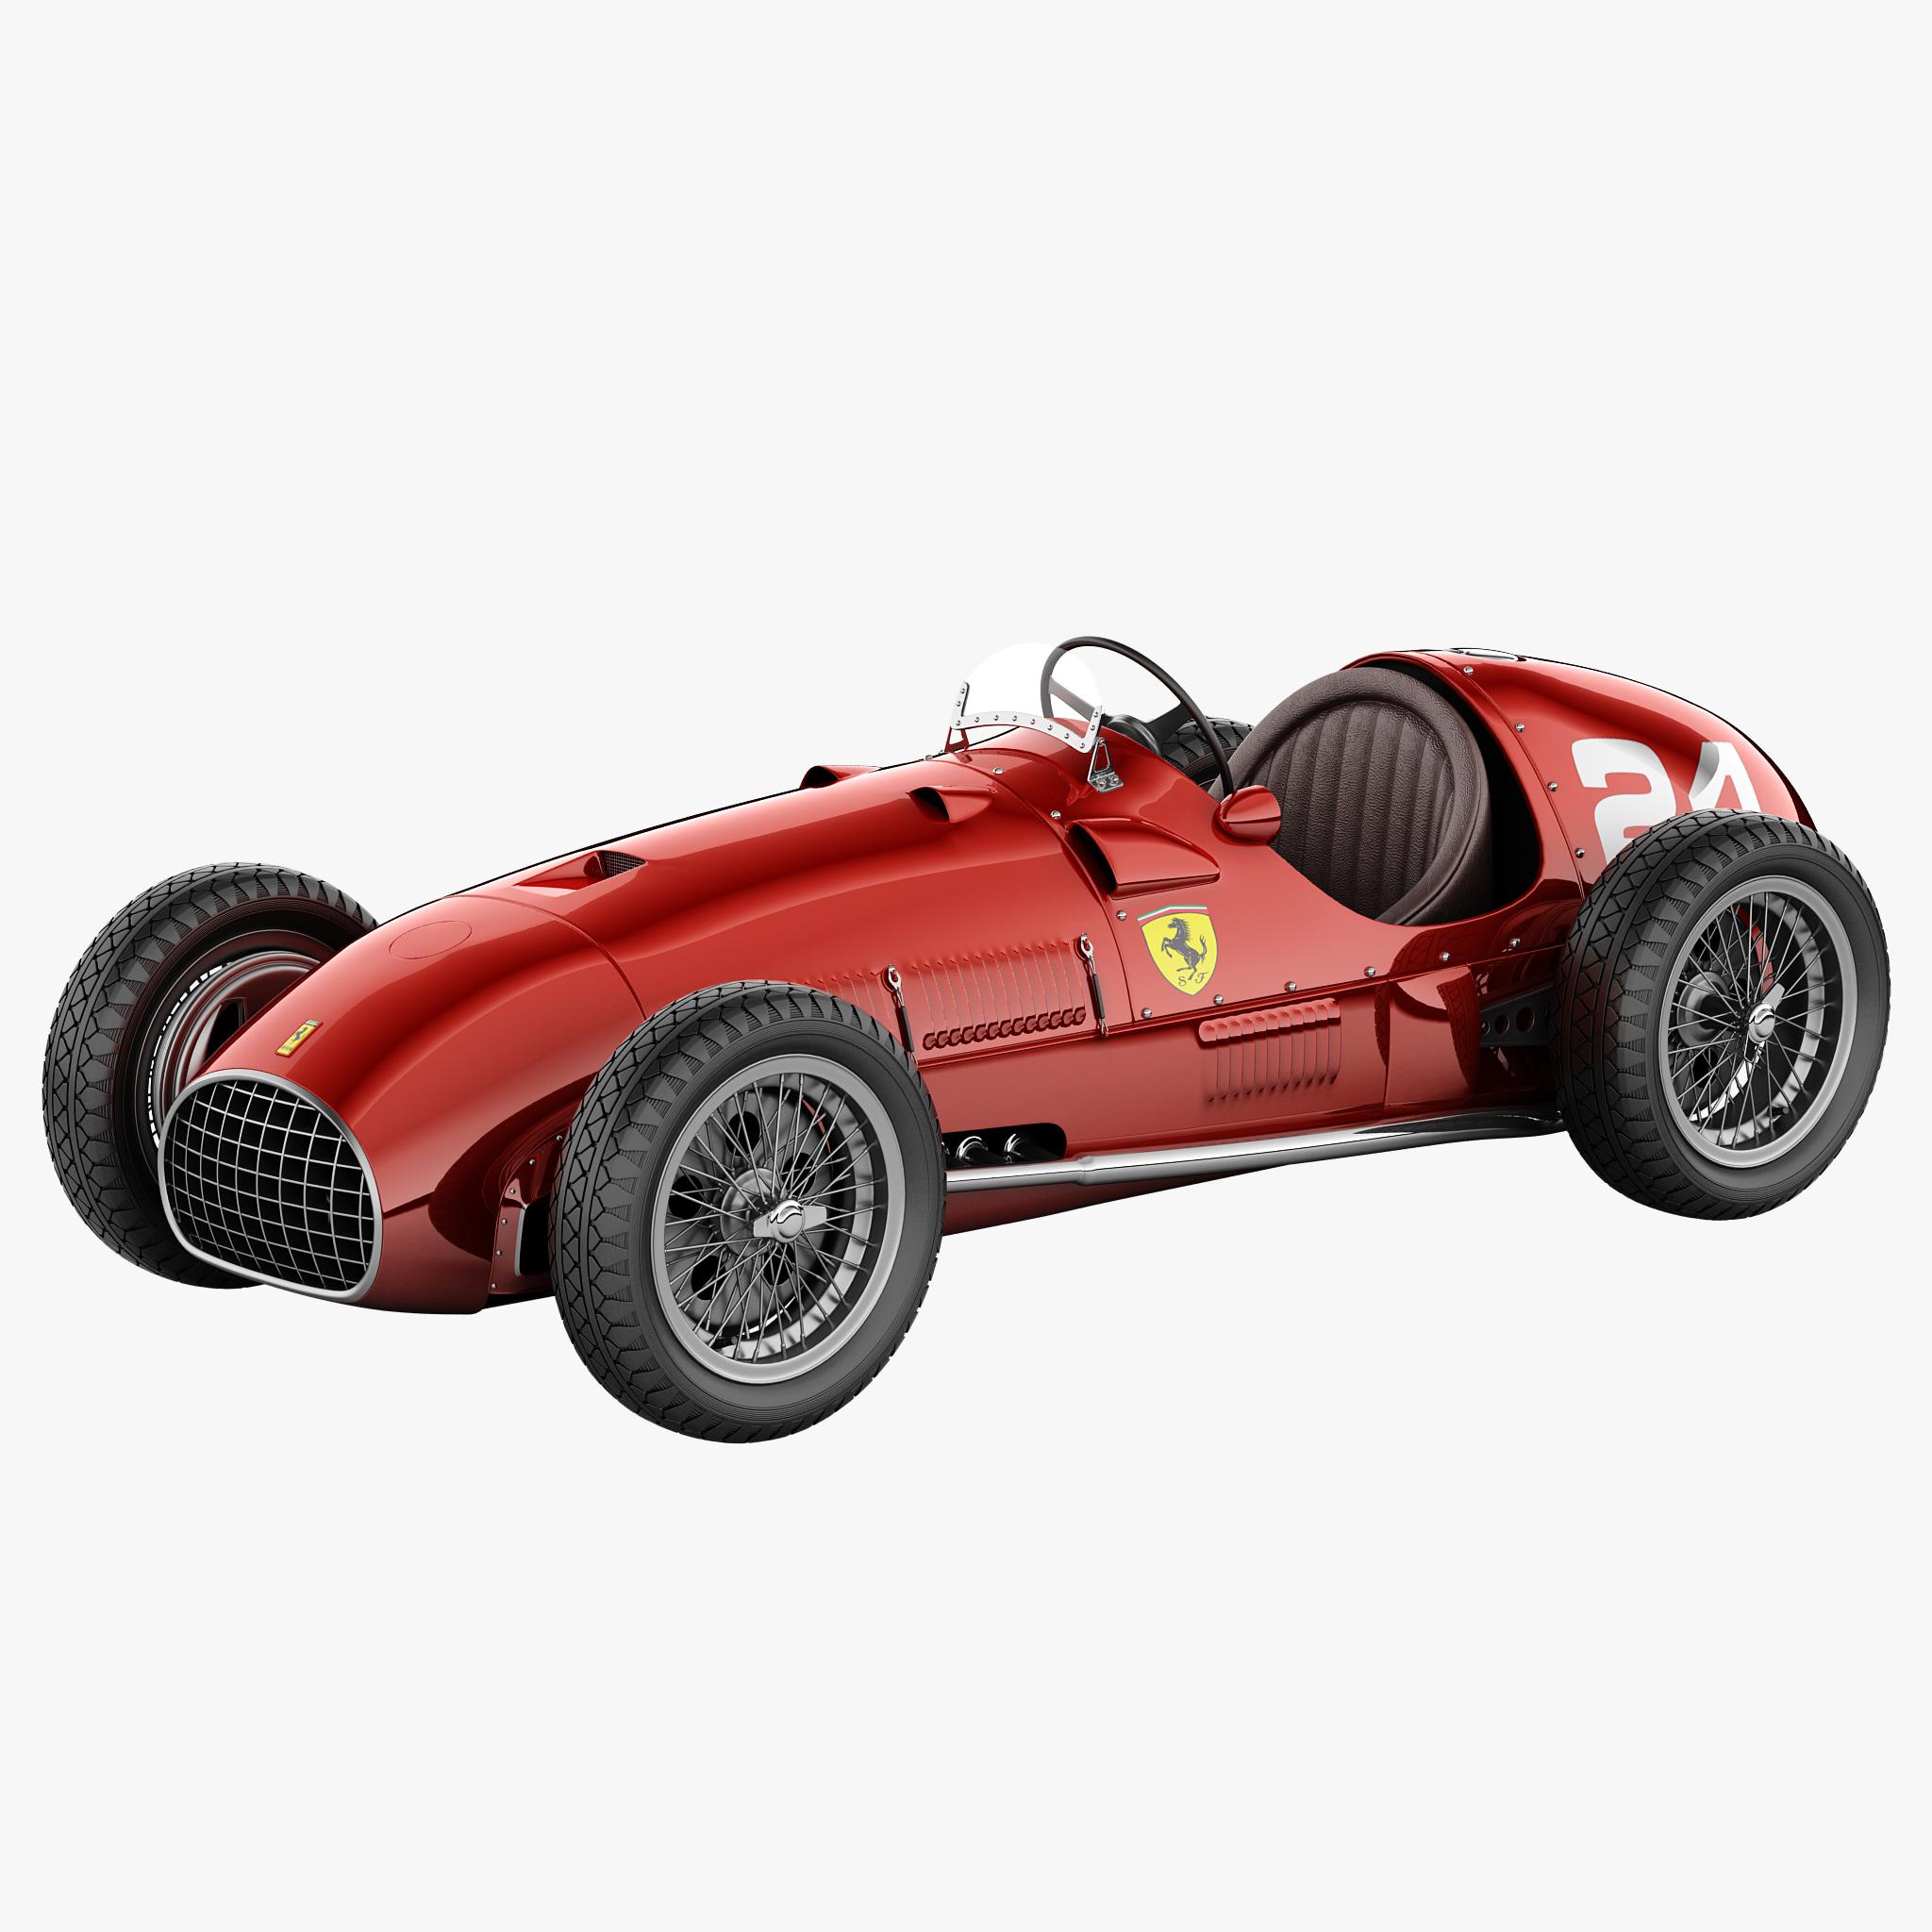 Ferrari 166 F2 Italy Race Car_1.jpg